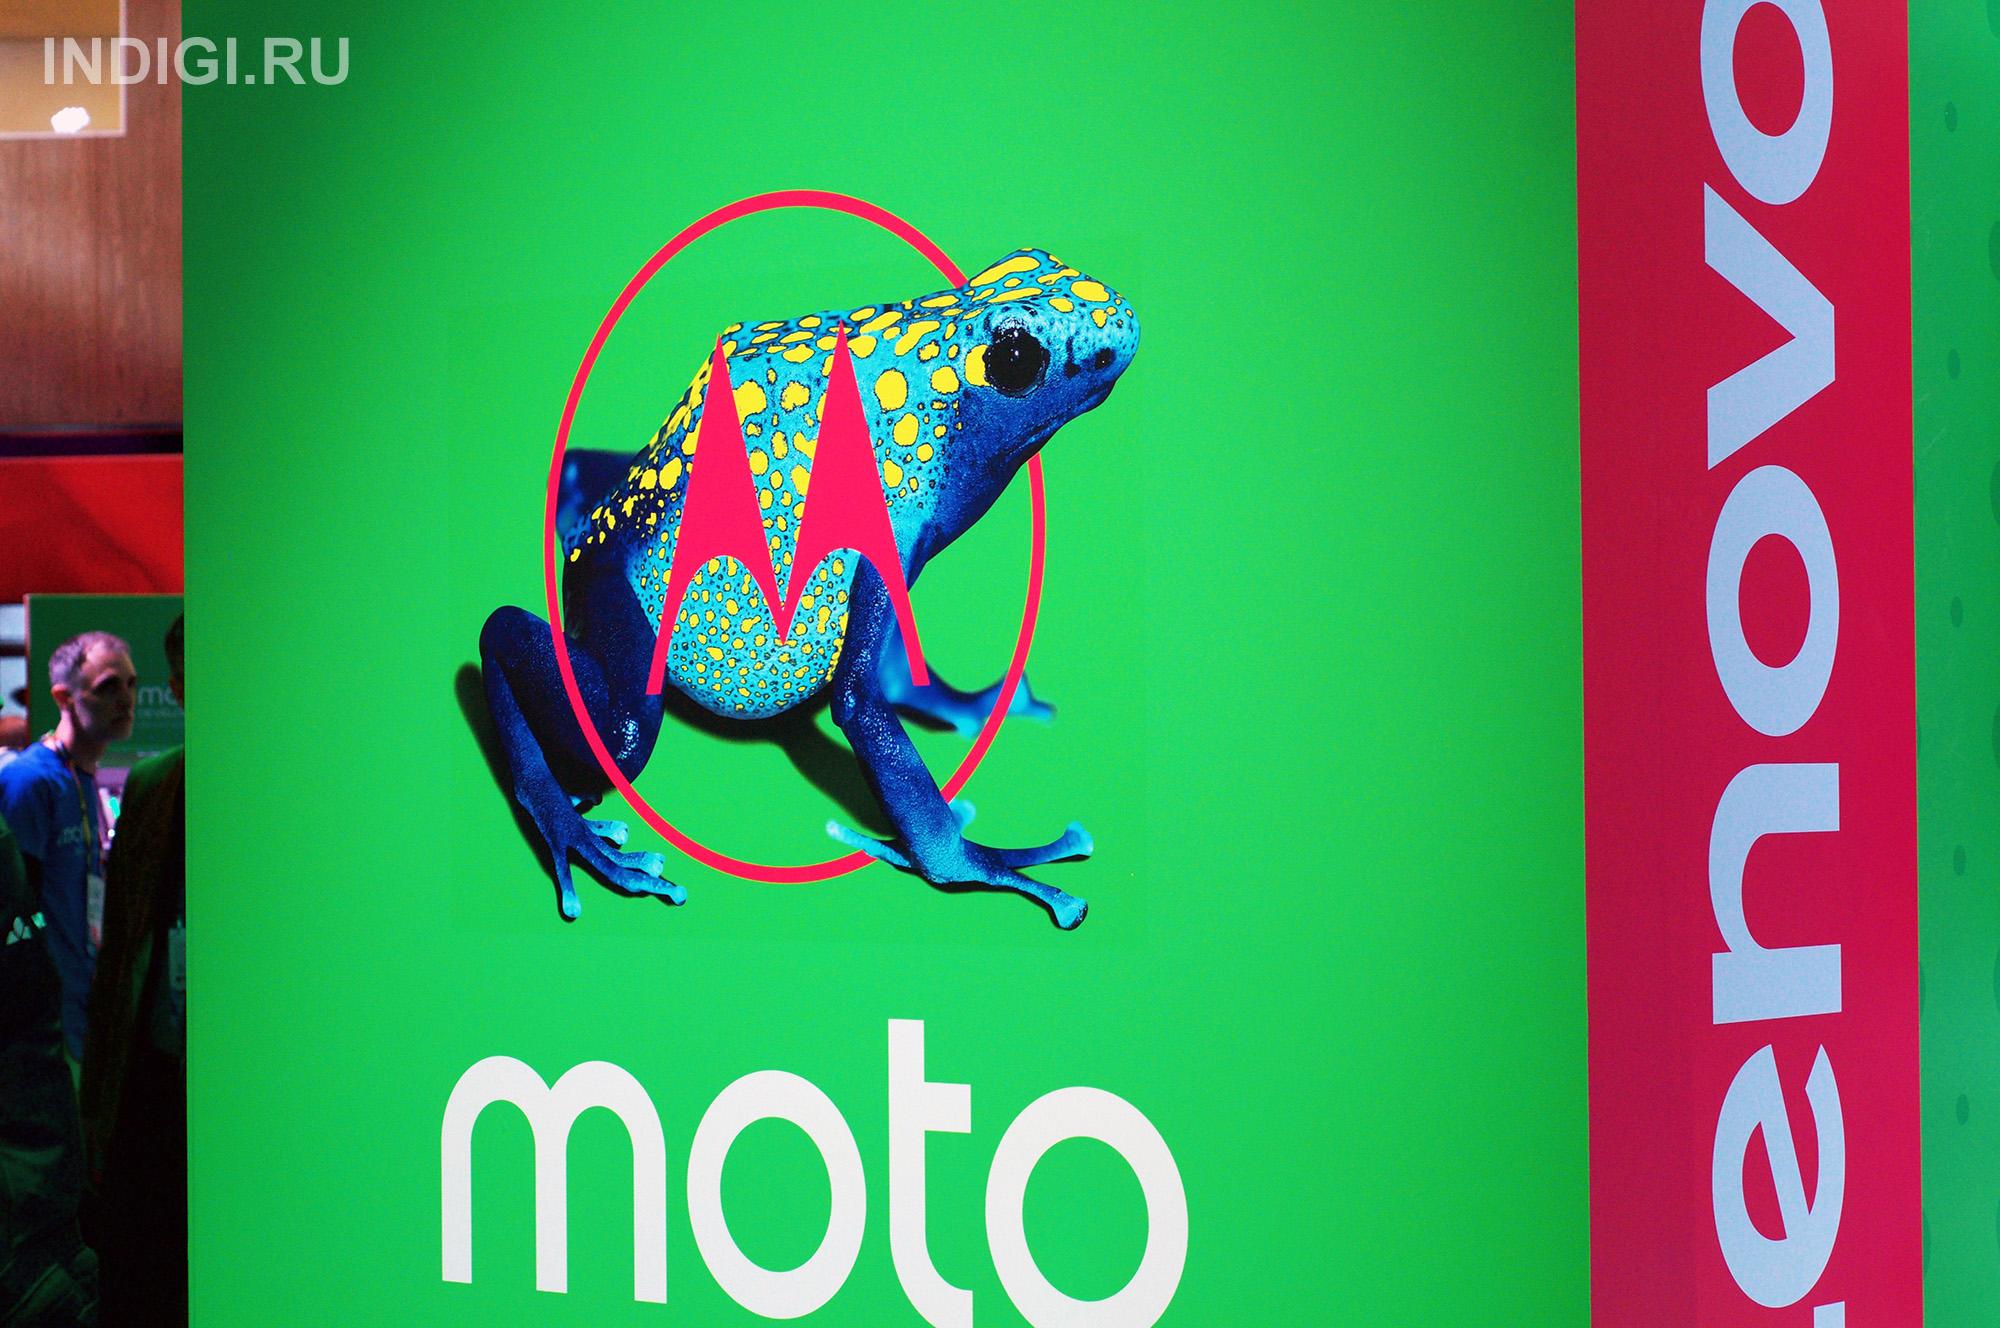 Преемник Moto Z используется для демонстрации скоростей Gigabit Class LTE от Sprint